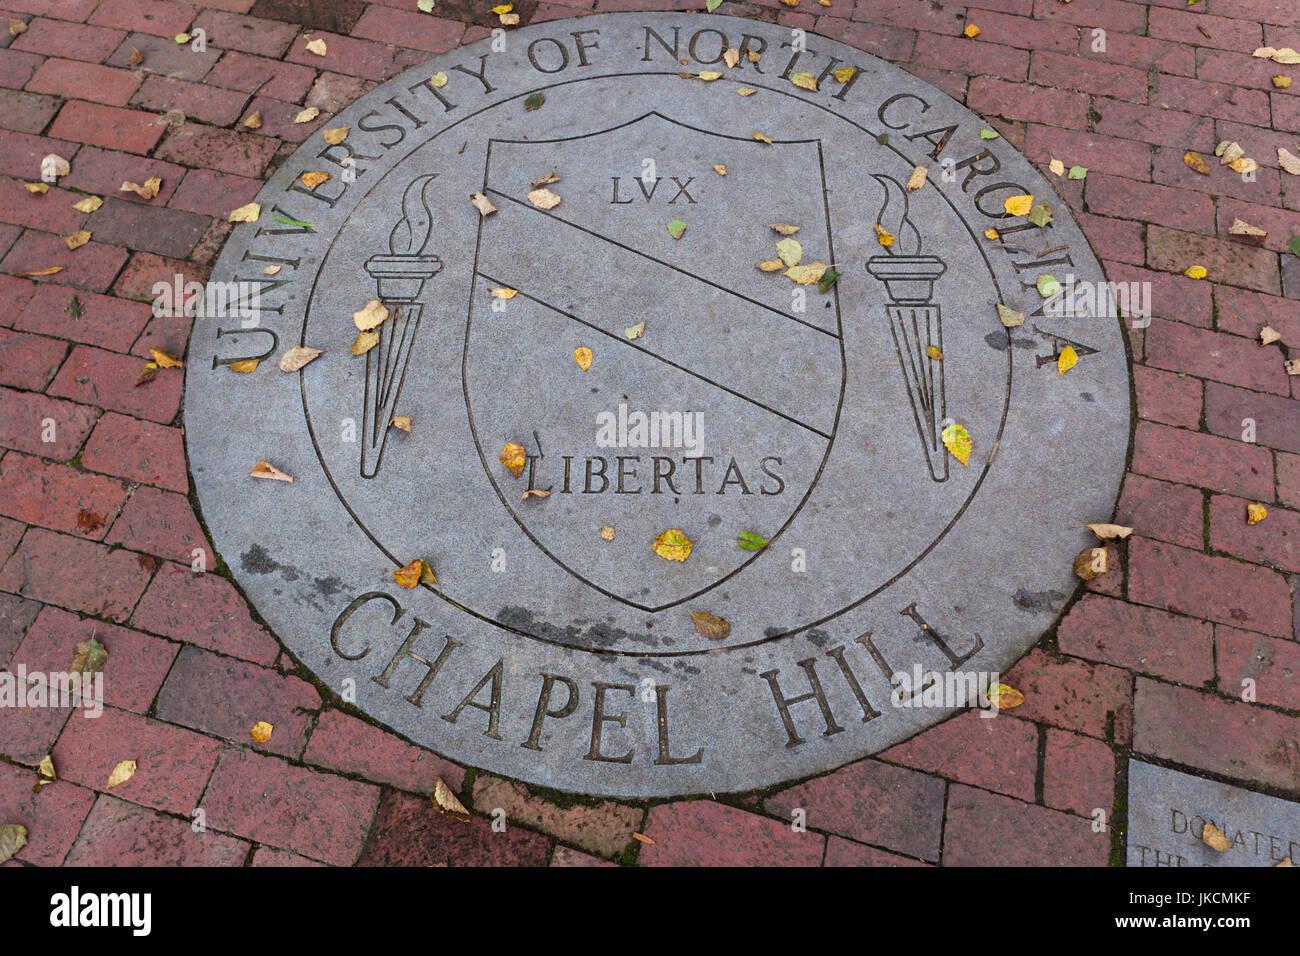 USA, North Carolina, Chapel Hill, University of North Carolina at Chapel Hill, walkway crest Stock Photo